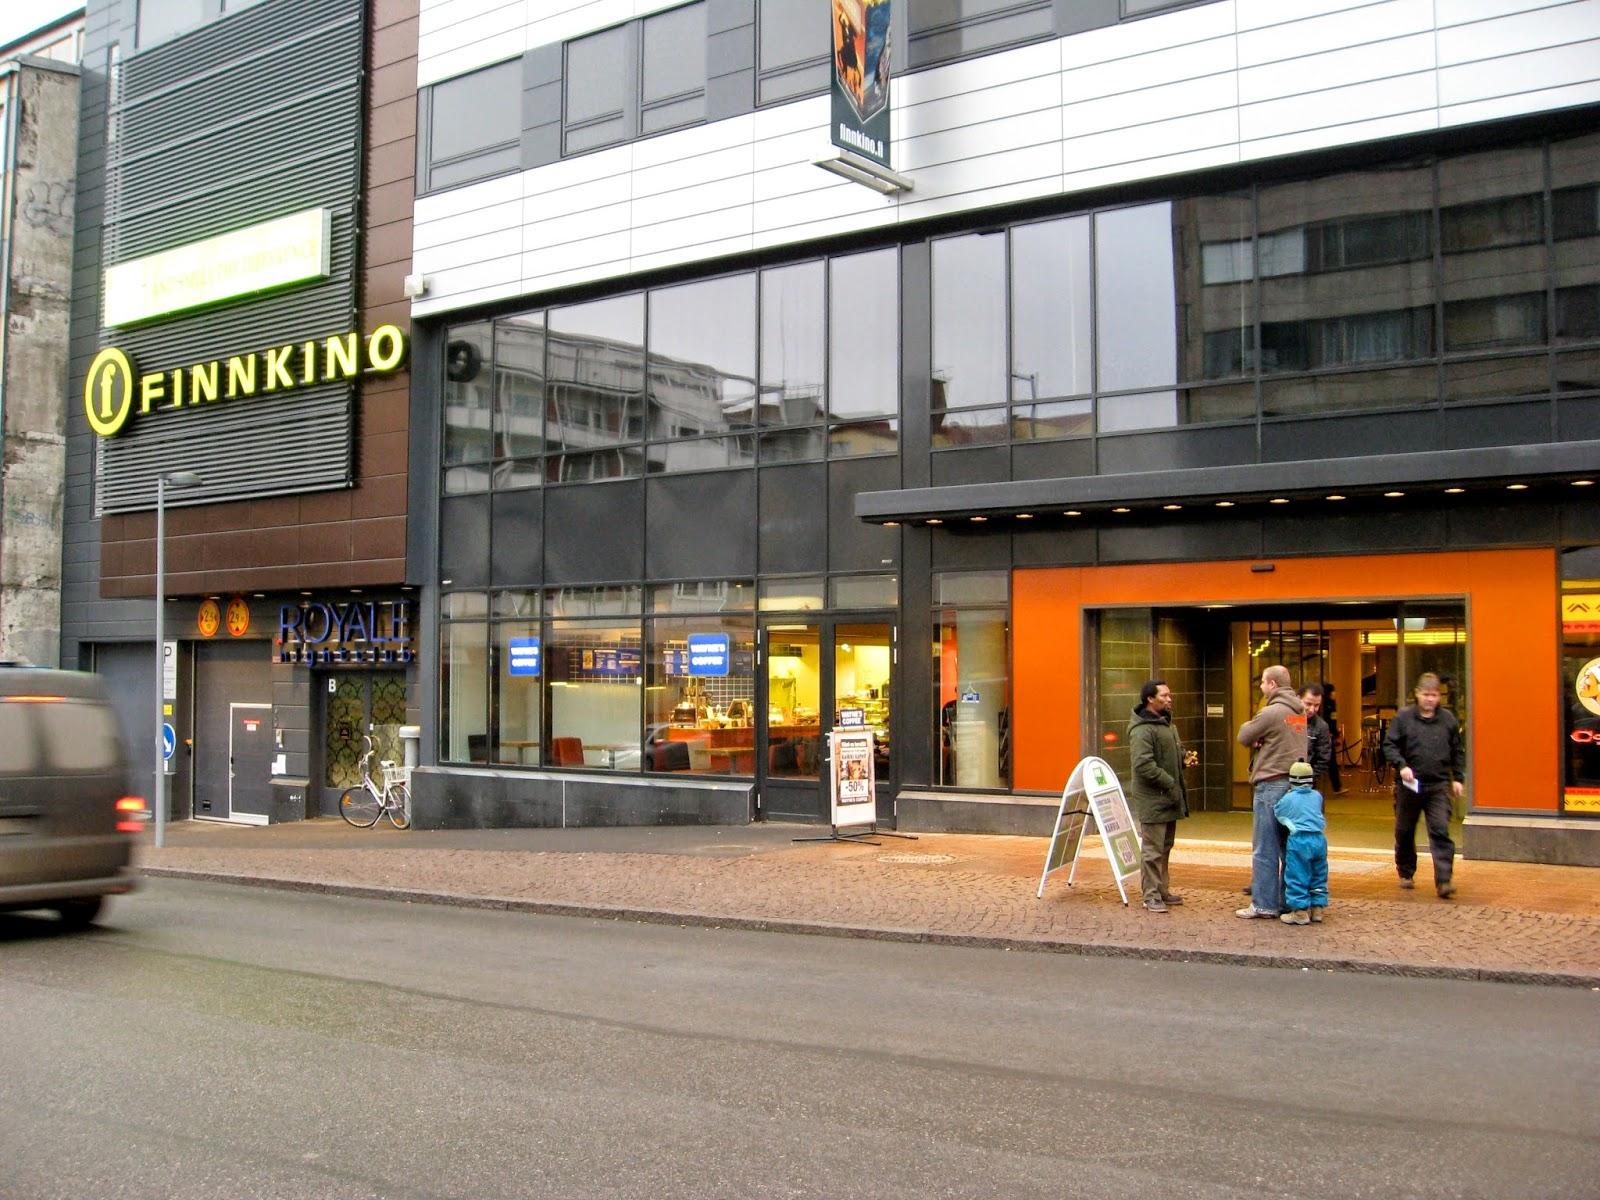 Elokuvateattereita: Finnkino Kuvapalatsi